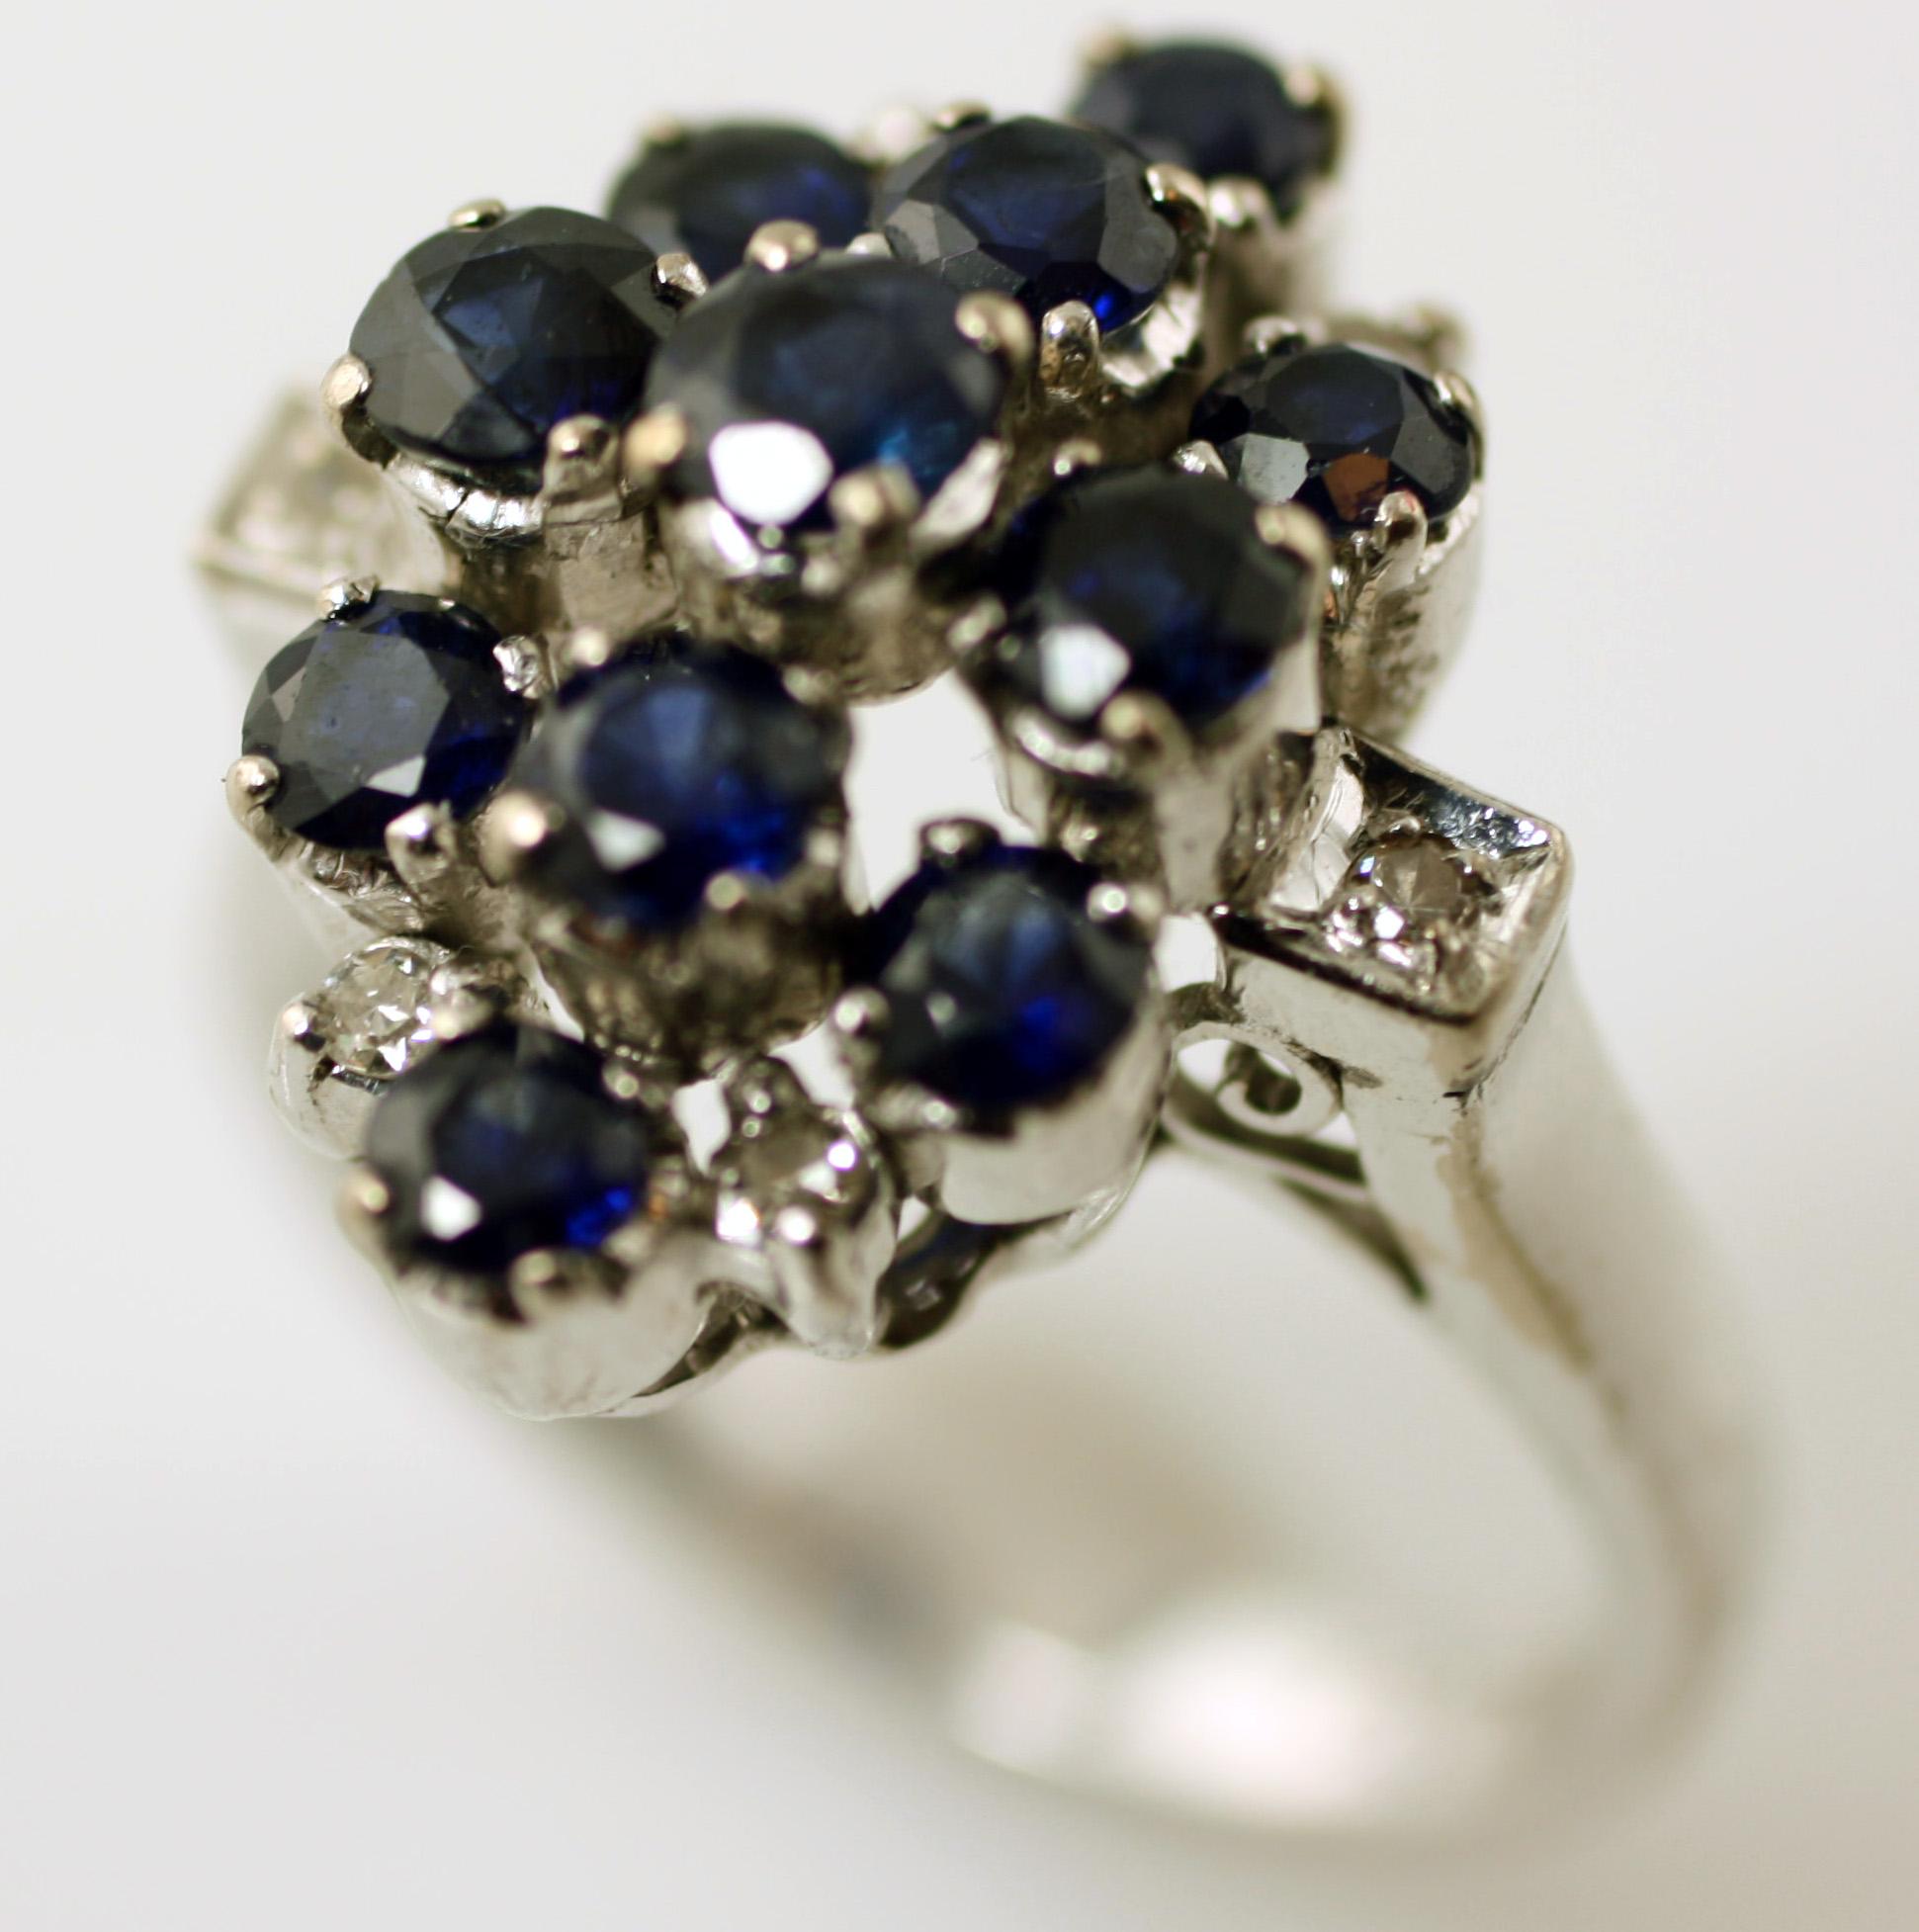 Diamond and Sapphire Ring, SKU 148-03601